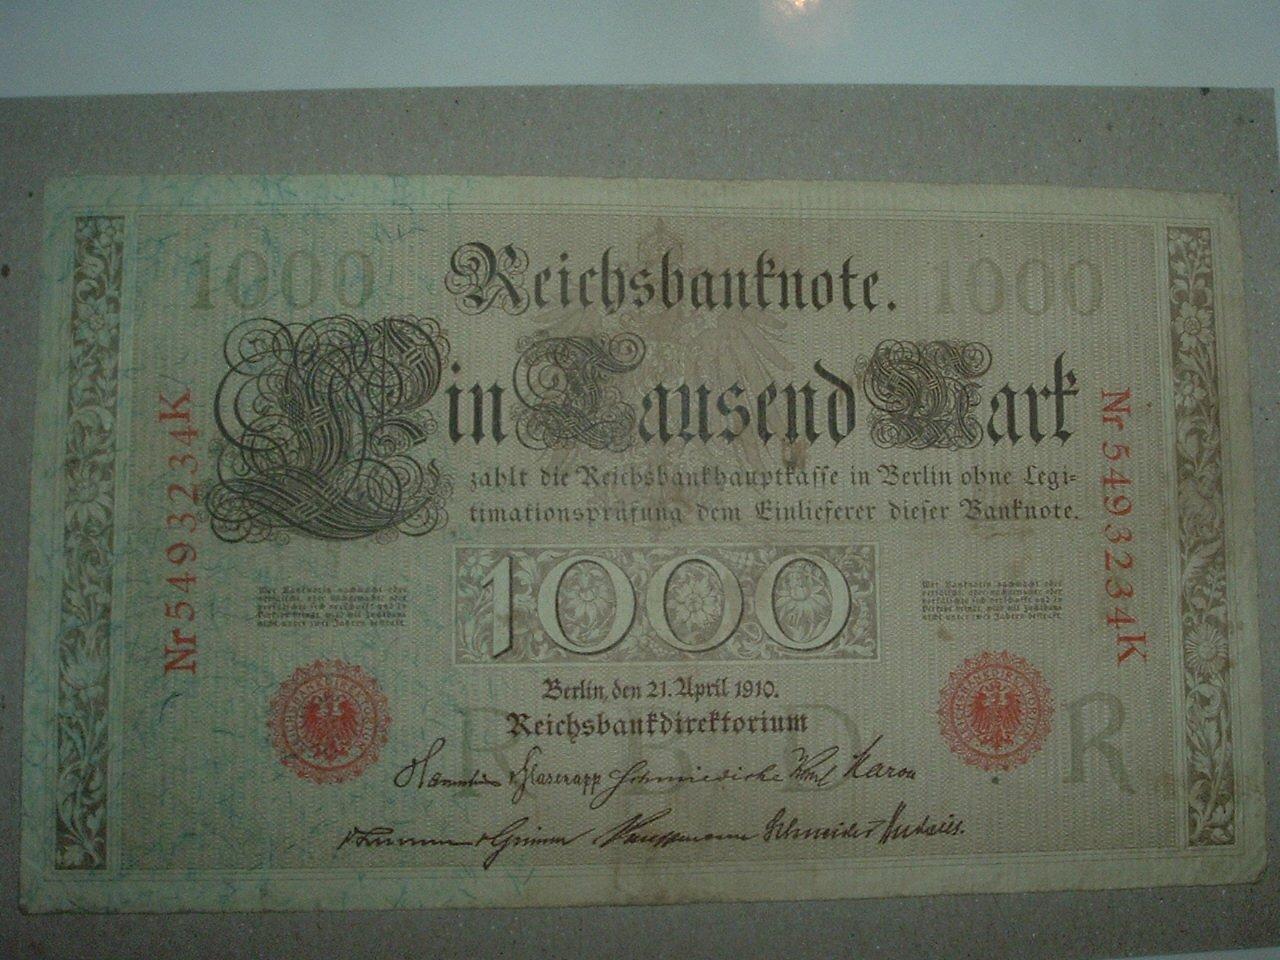 1000 German Reichsbanknote Marks Paper Money